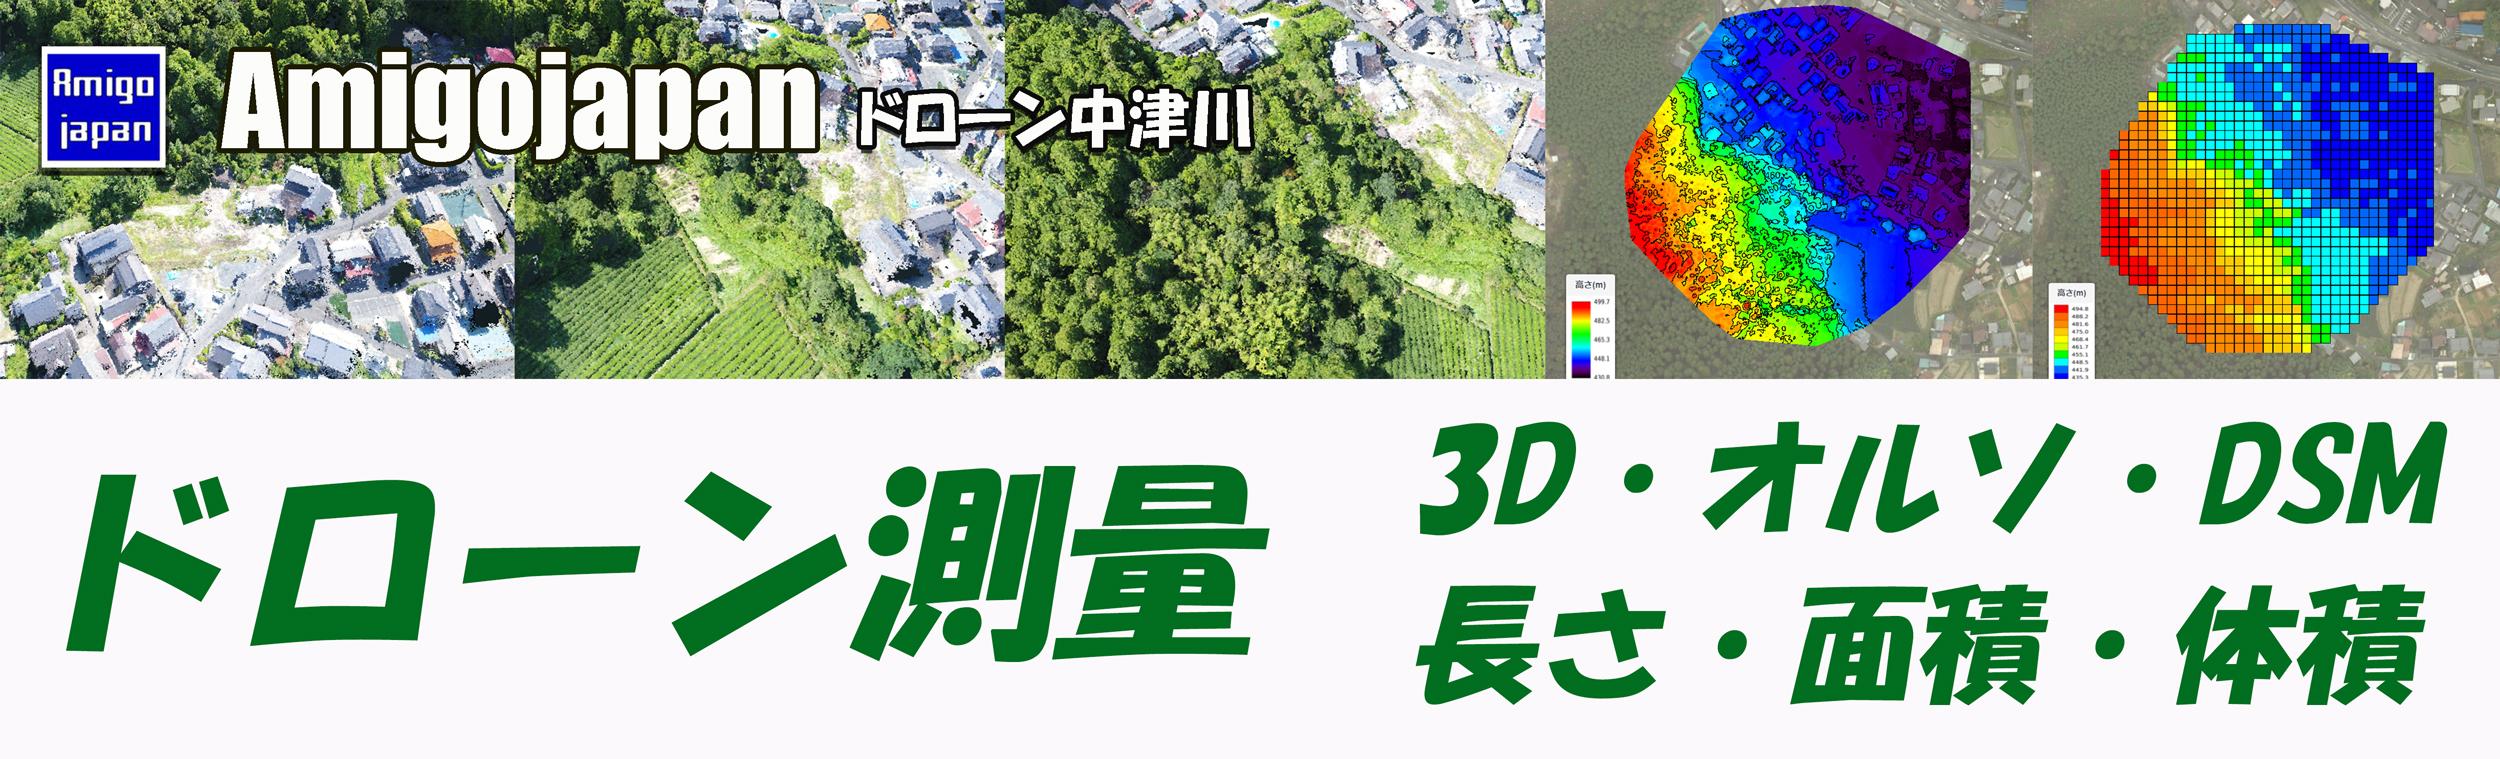 ドローン測量緑web.jpg